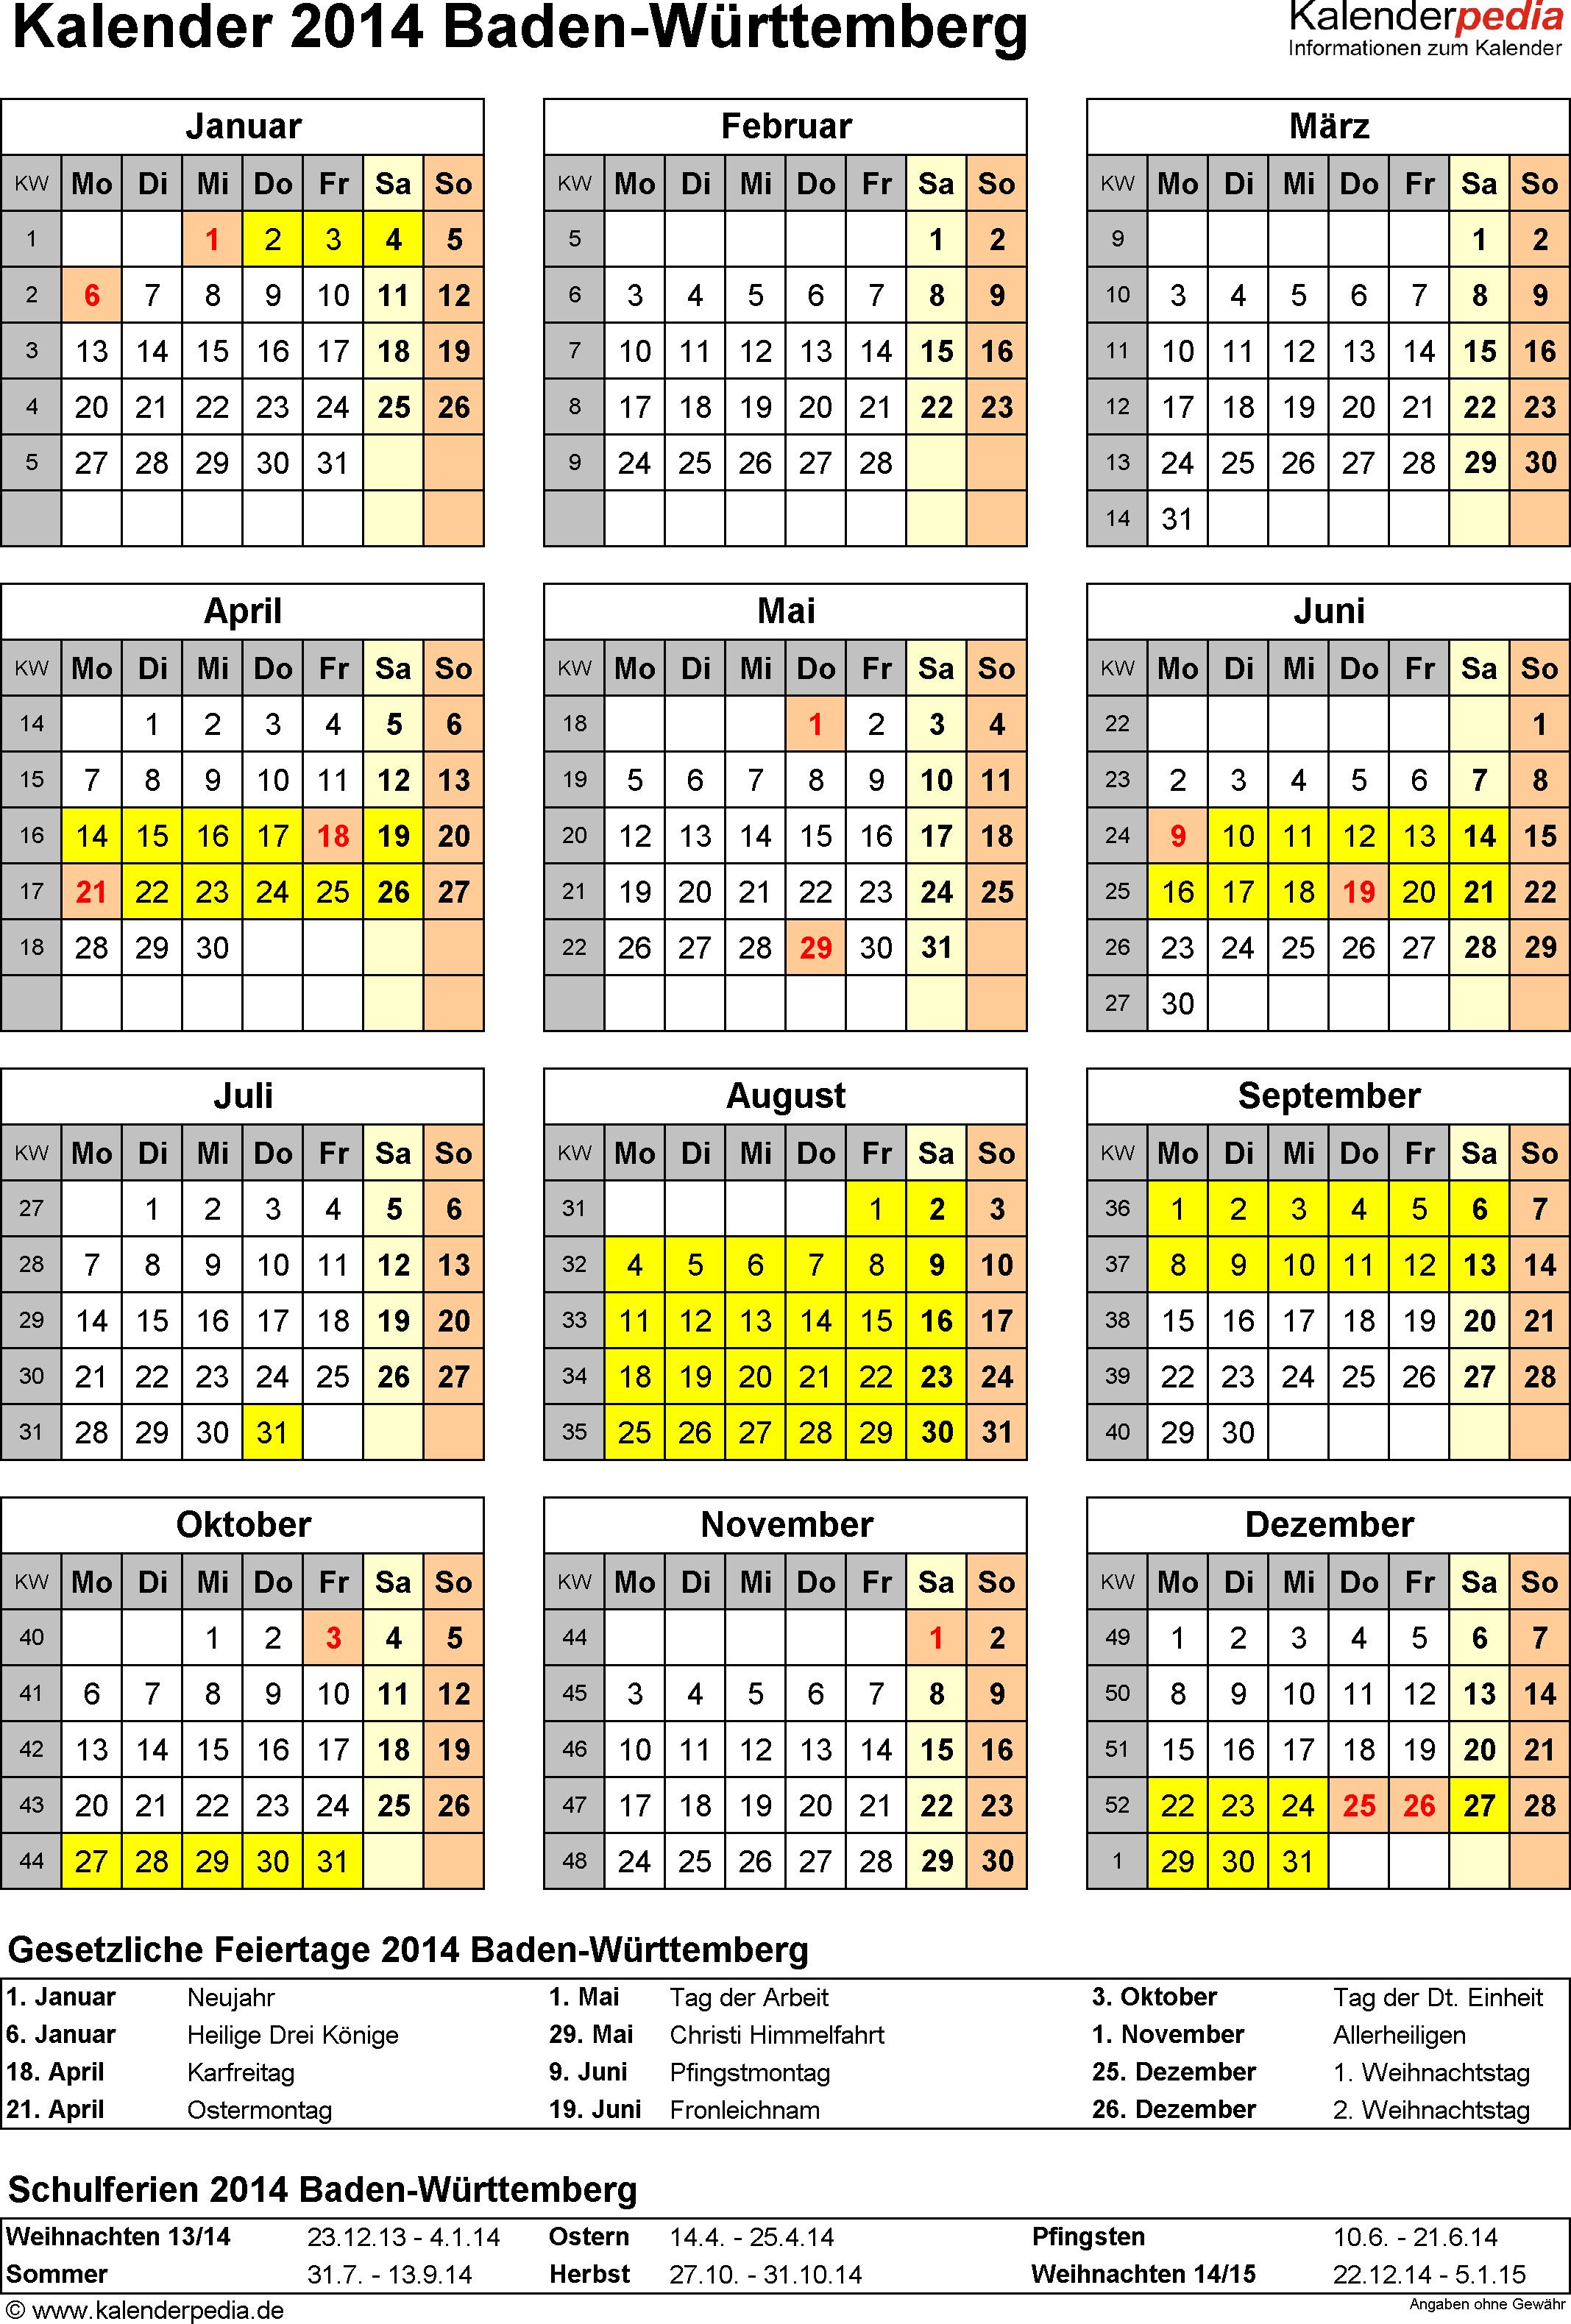 Vorlage 4: Kalender Baden-Württemberg 2014 als Excel-Vorlage (Hochformat)